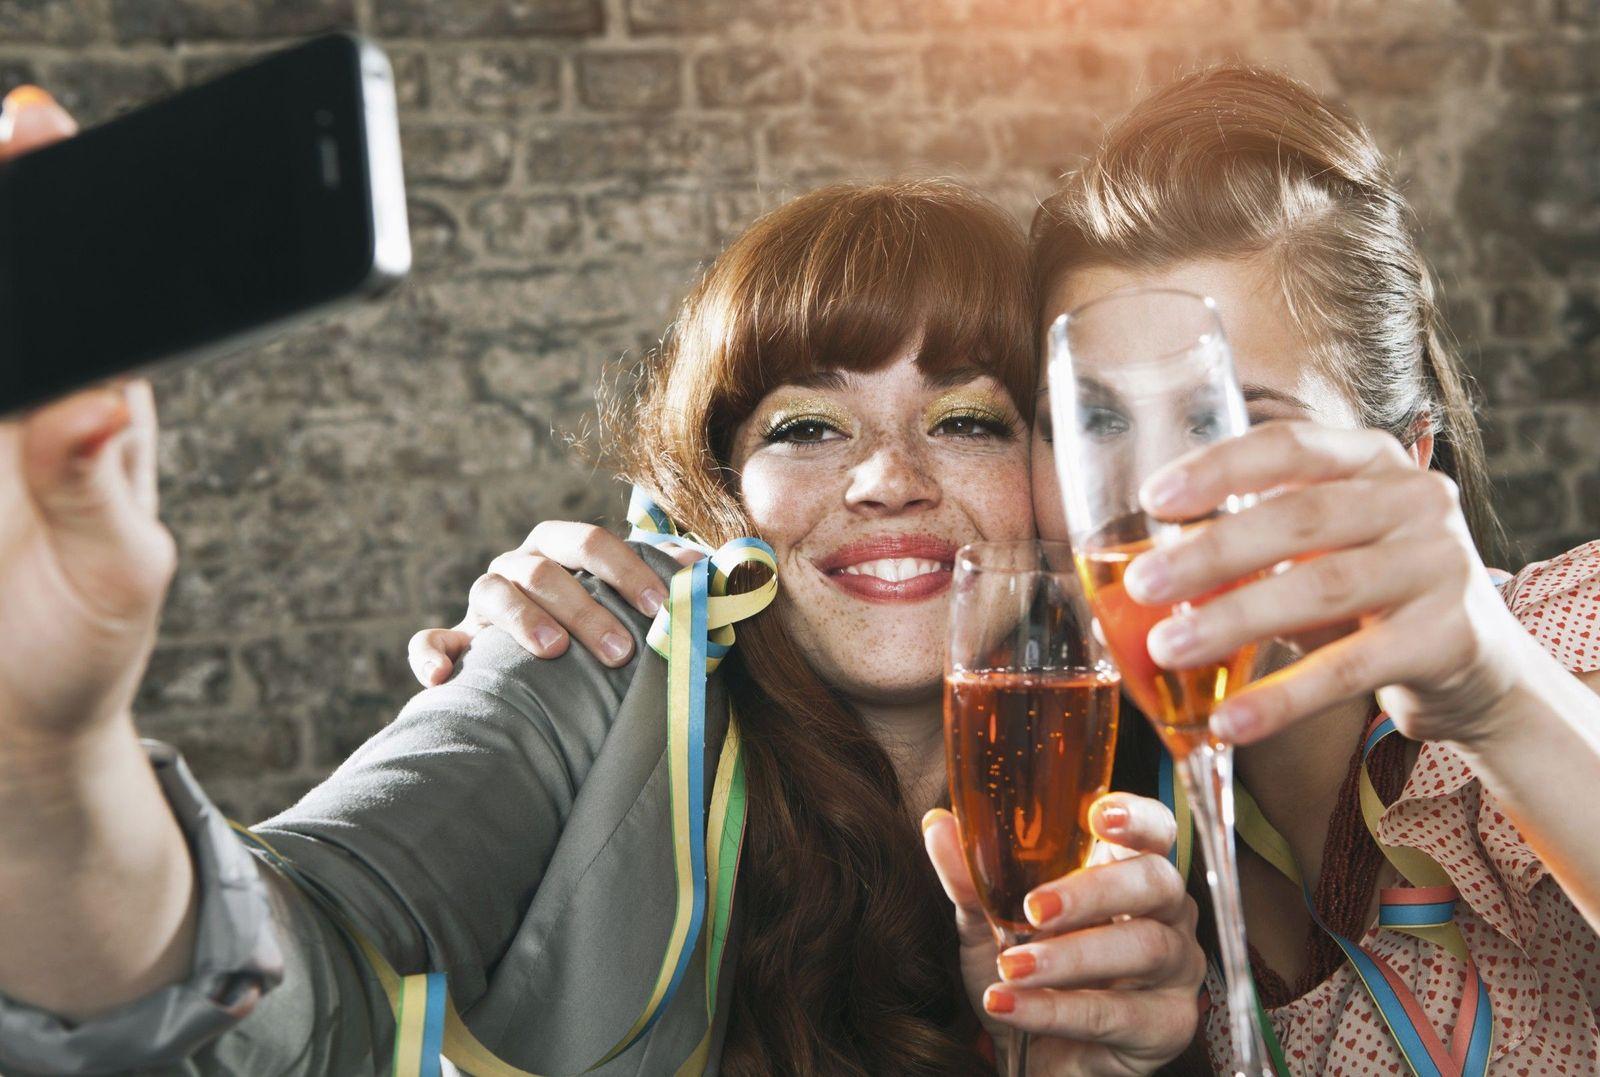 NICHT MEHR VERWENDEN! - SYMBOLBILD Studenten/ Champagner